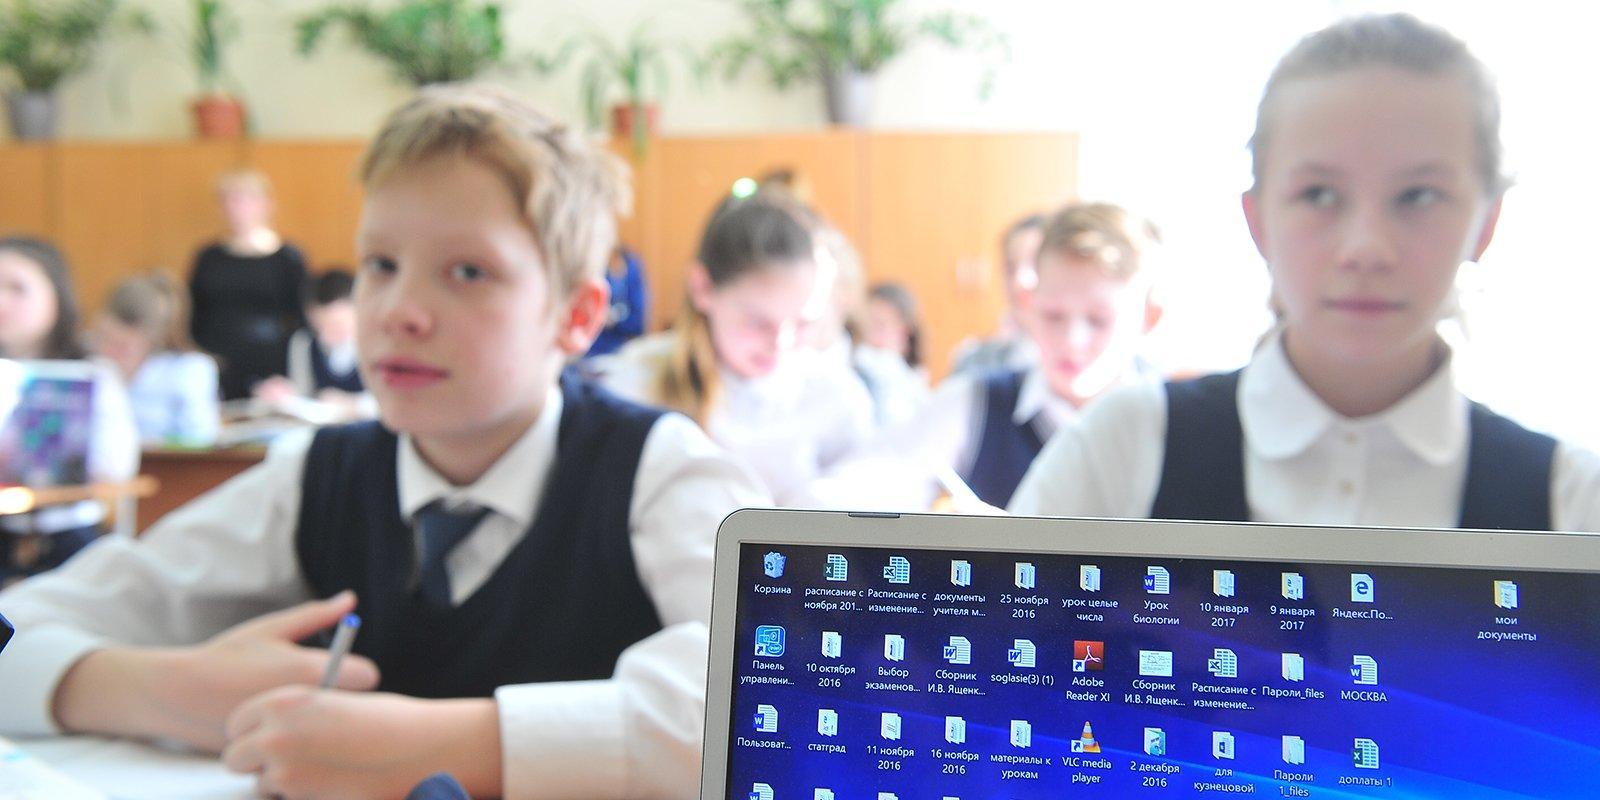 22 тысячи уроков: как получить грант за развитие «Московской электронной школы»